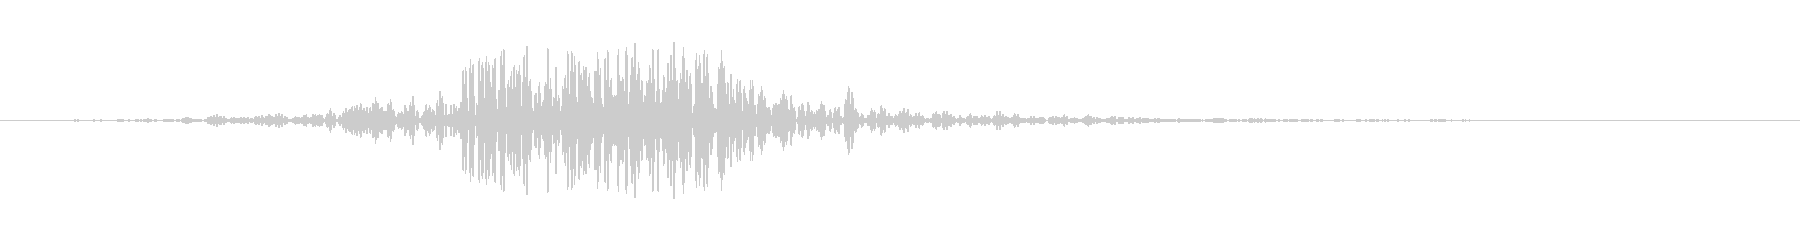 振動エンハンサーの未再生の波形